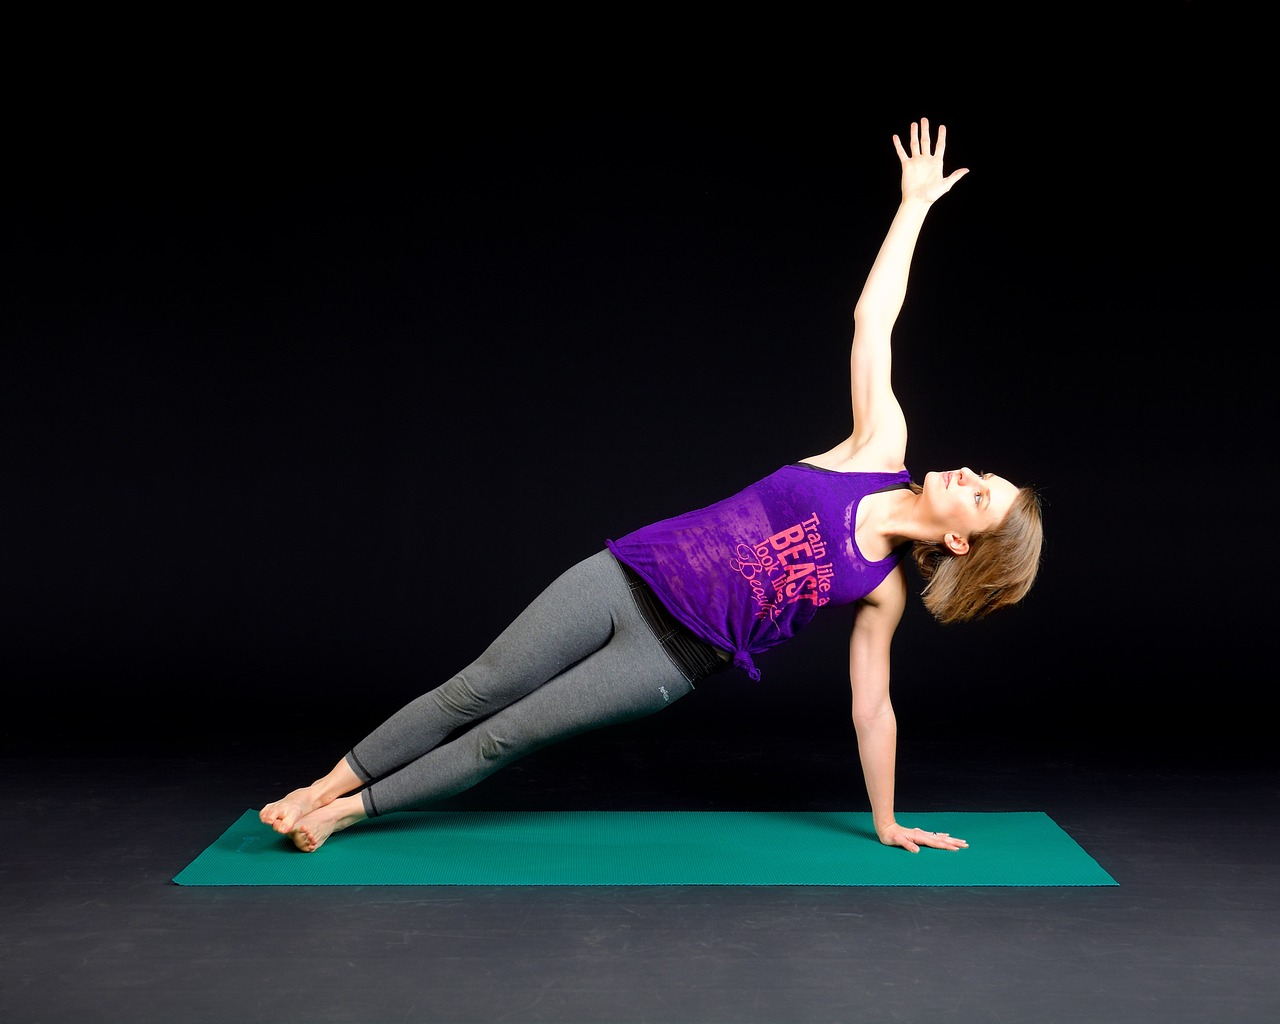 Stark kvinna som gör plankan- träning och personlig utveckling